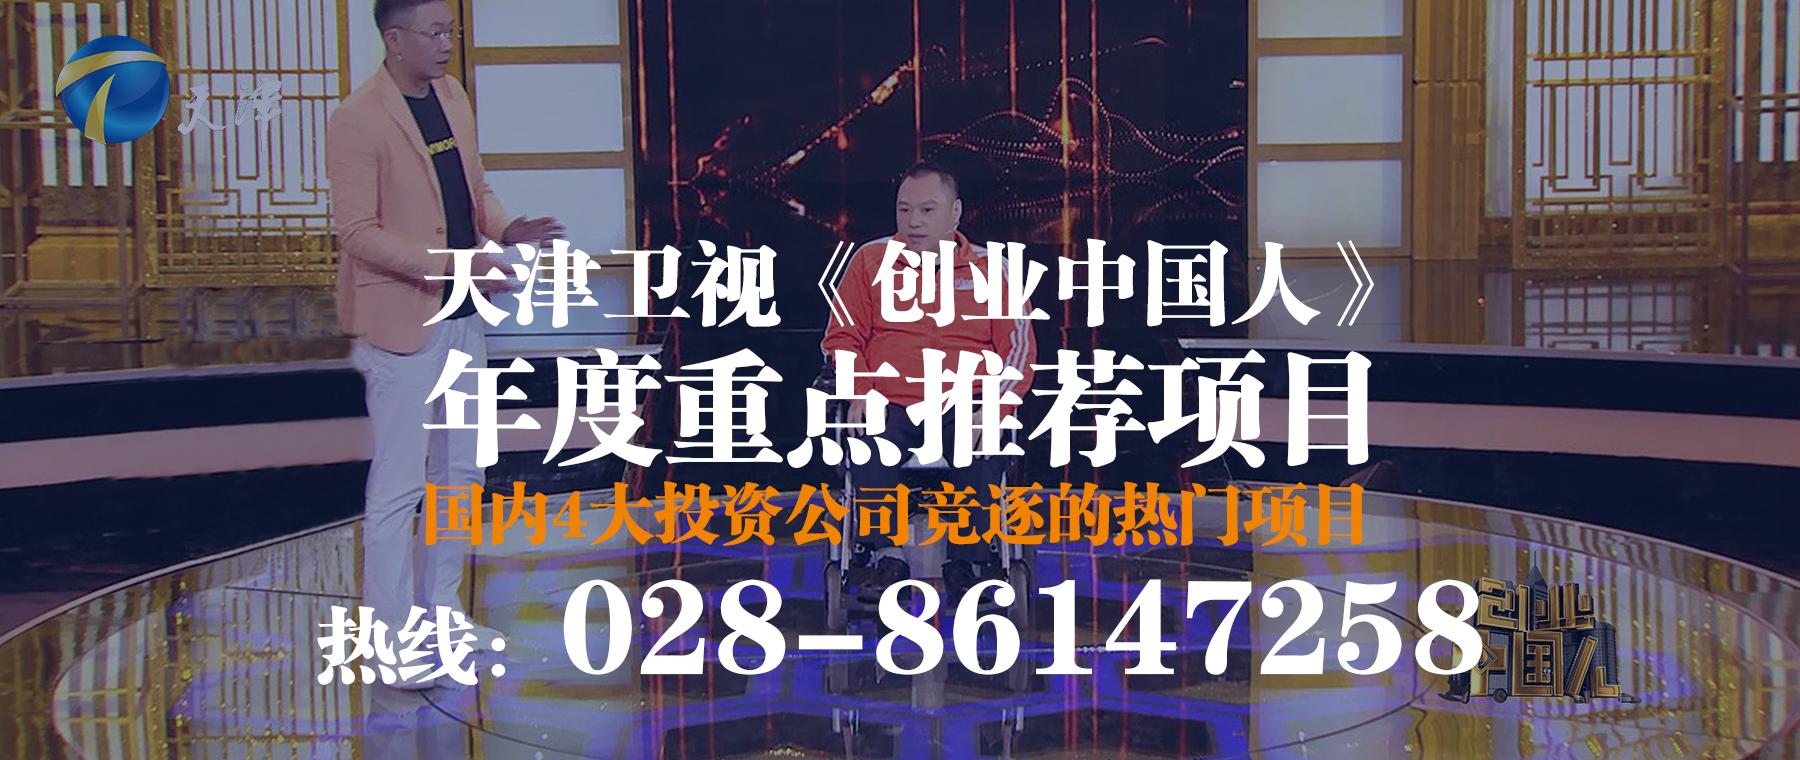 鲜师傅荣登创业中国人